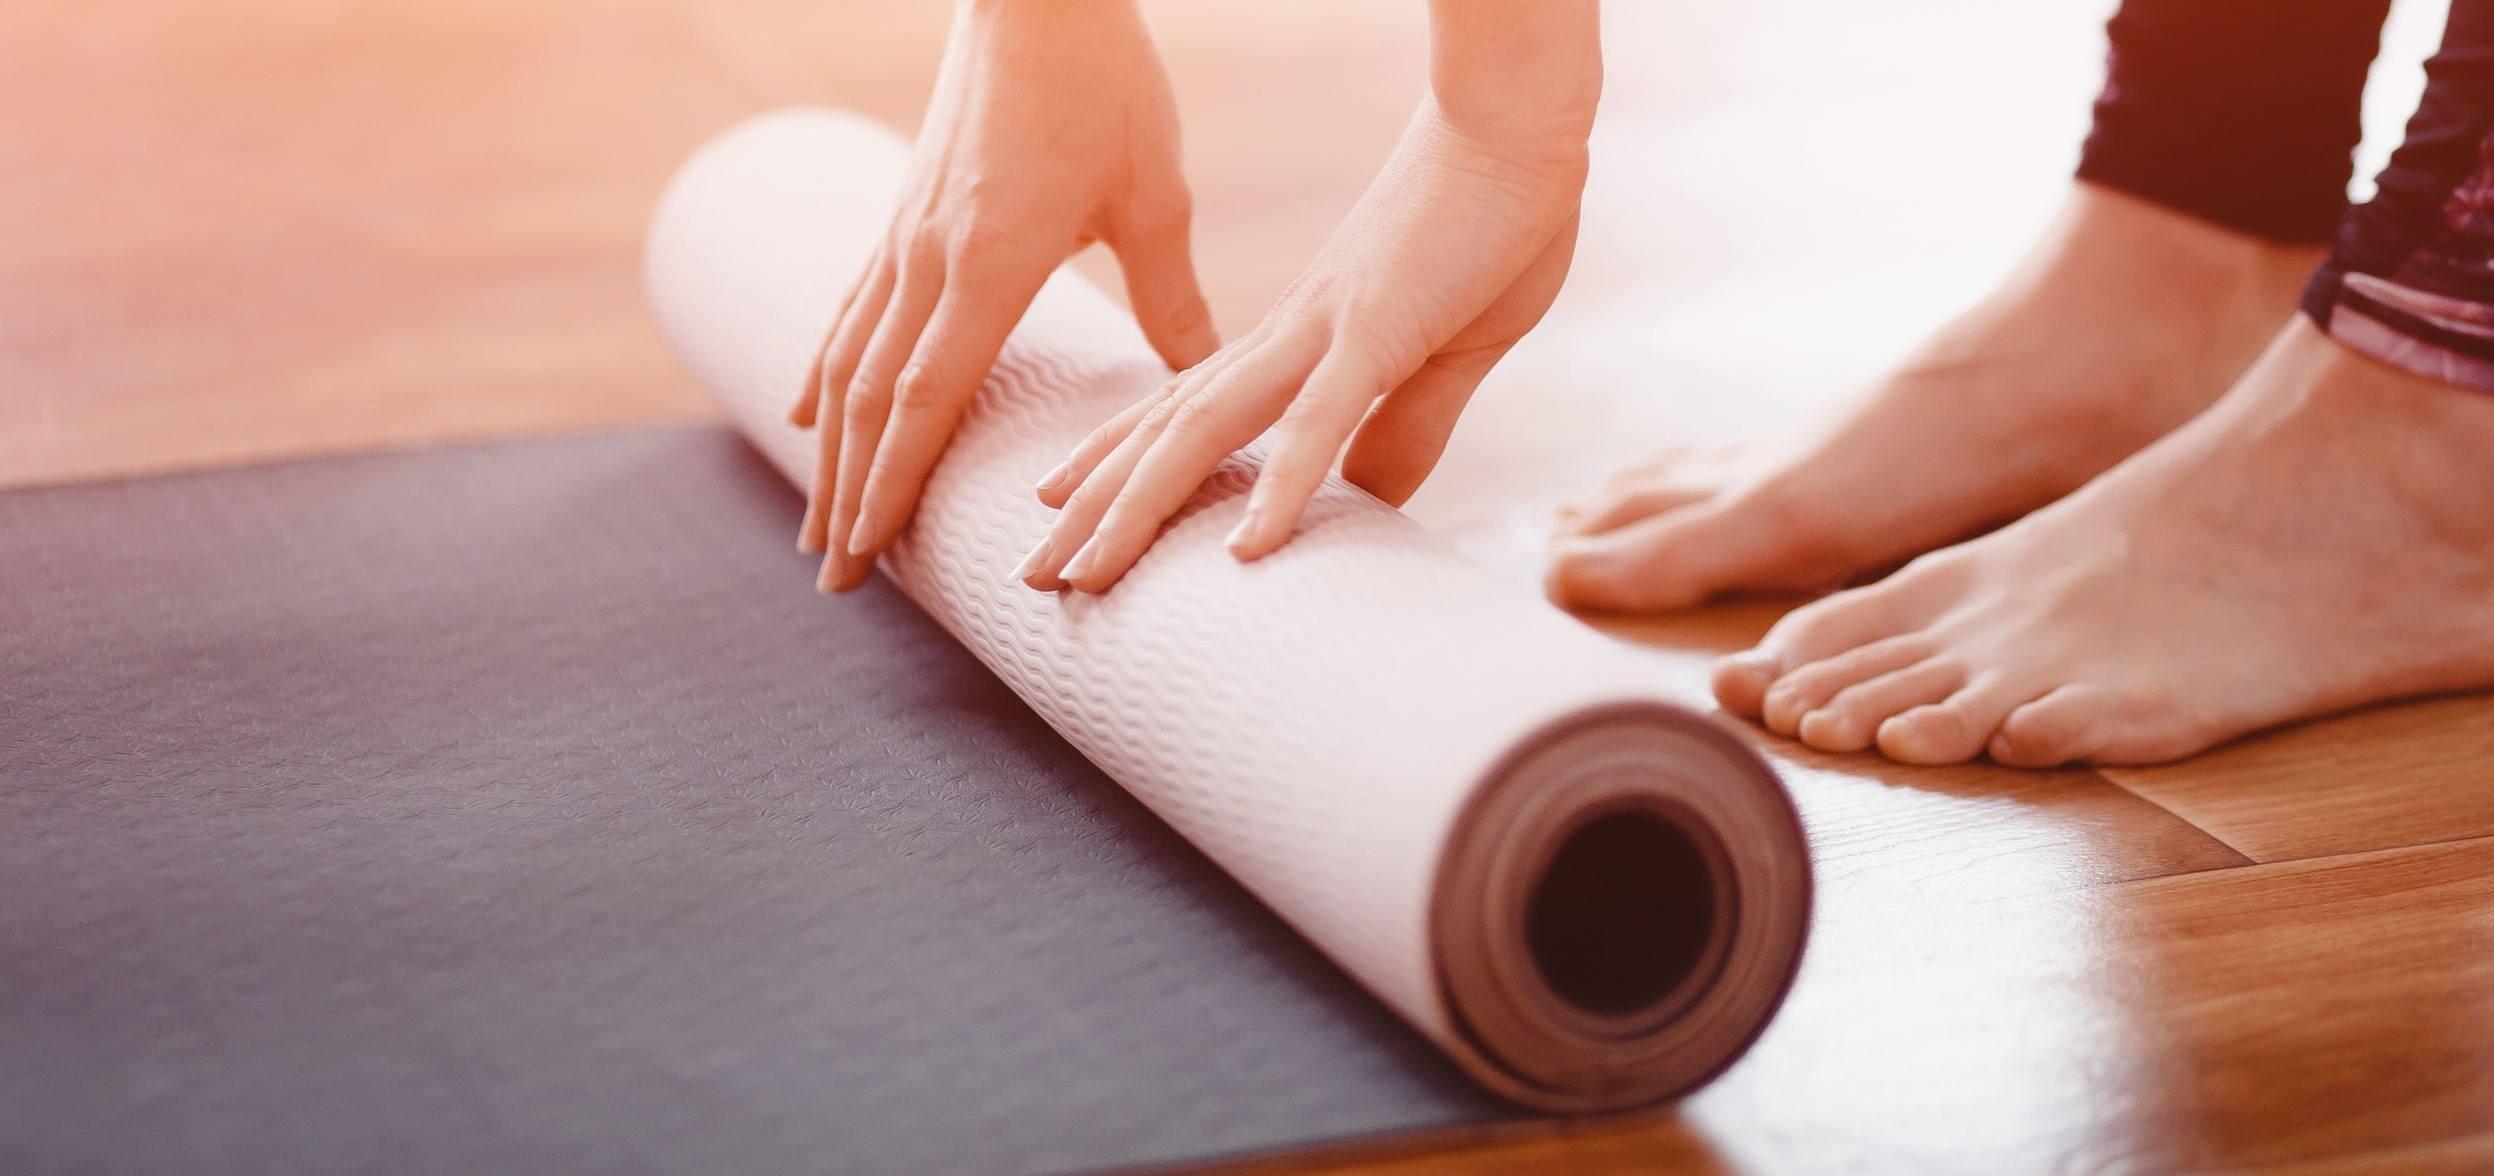 A yoga mat for beginner bodyweight training